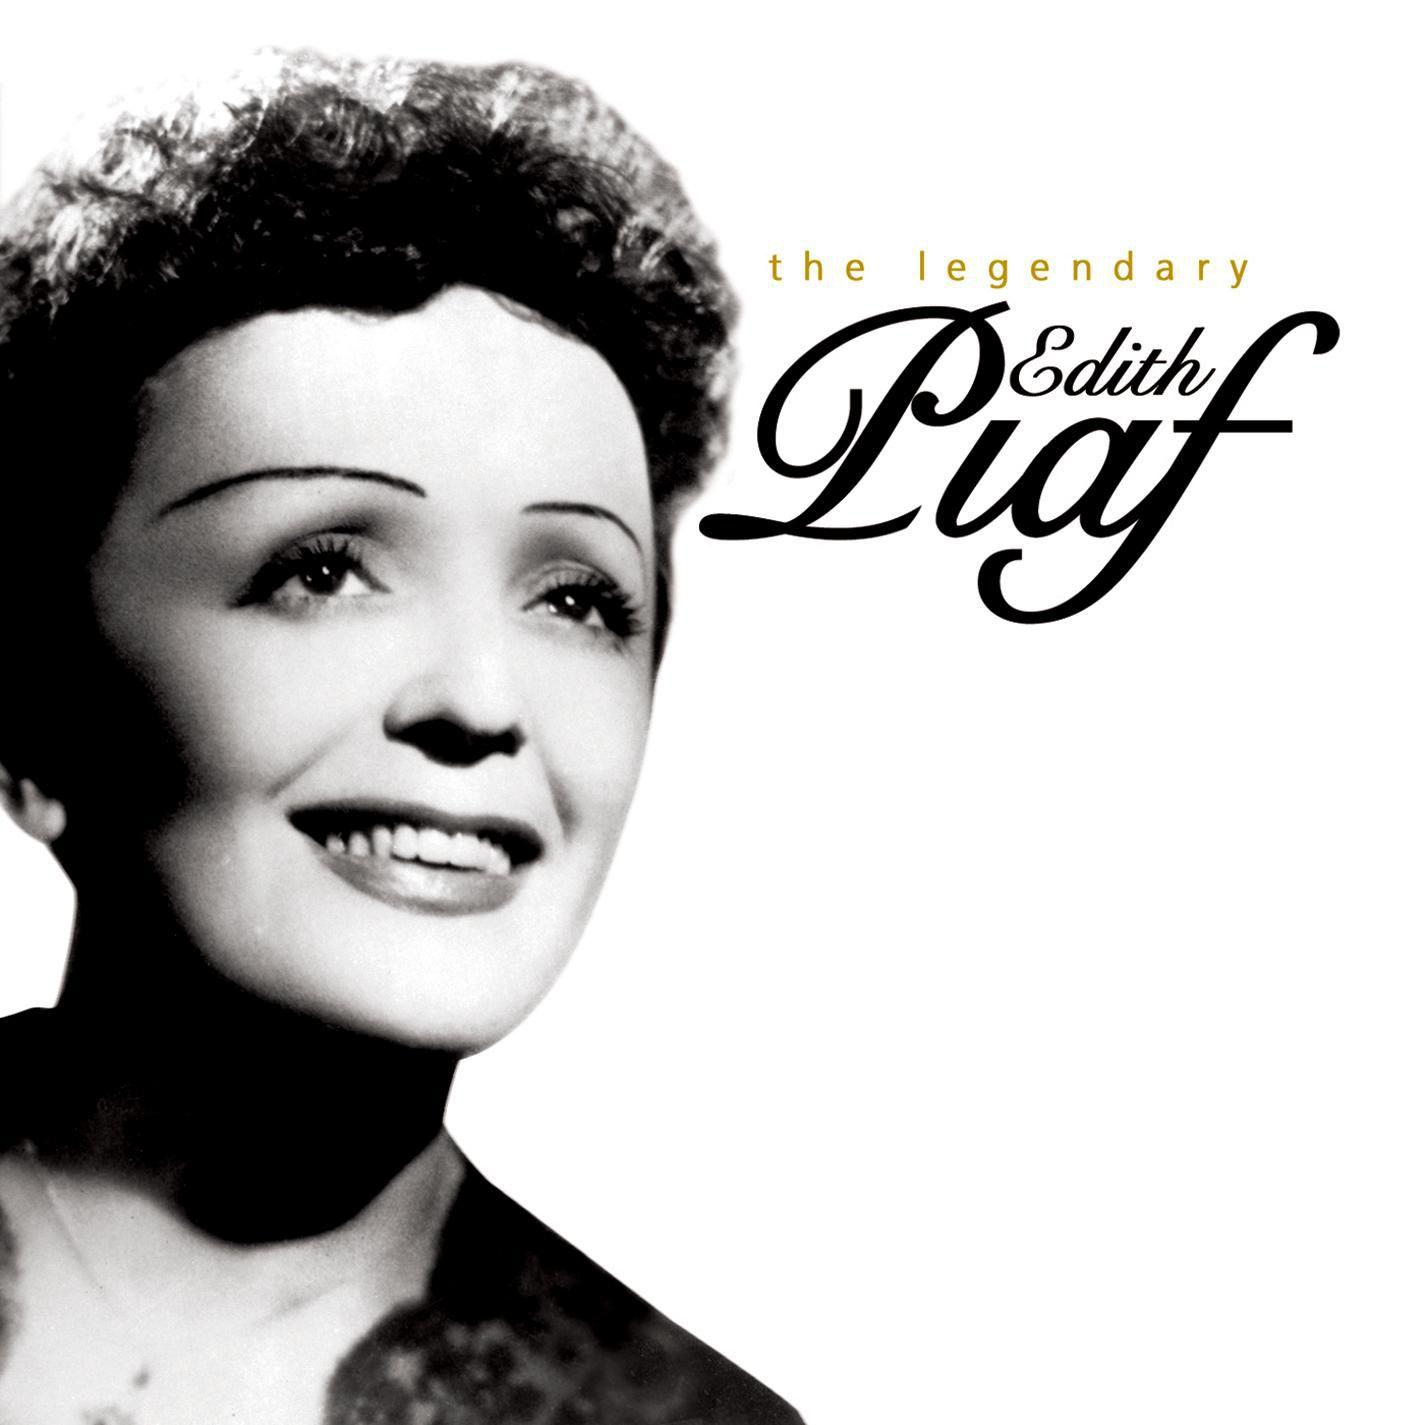 Piaf, Edith The Legendary Edith Piaf